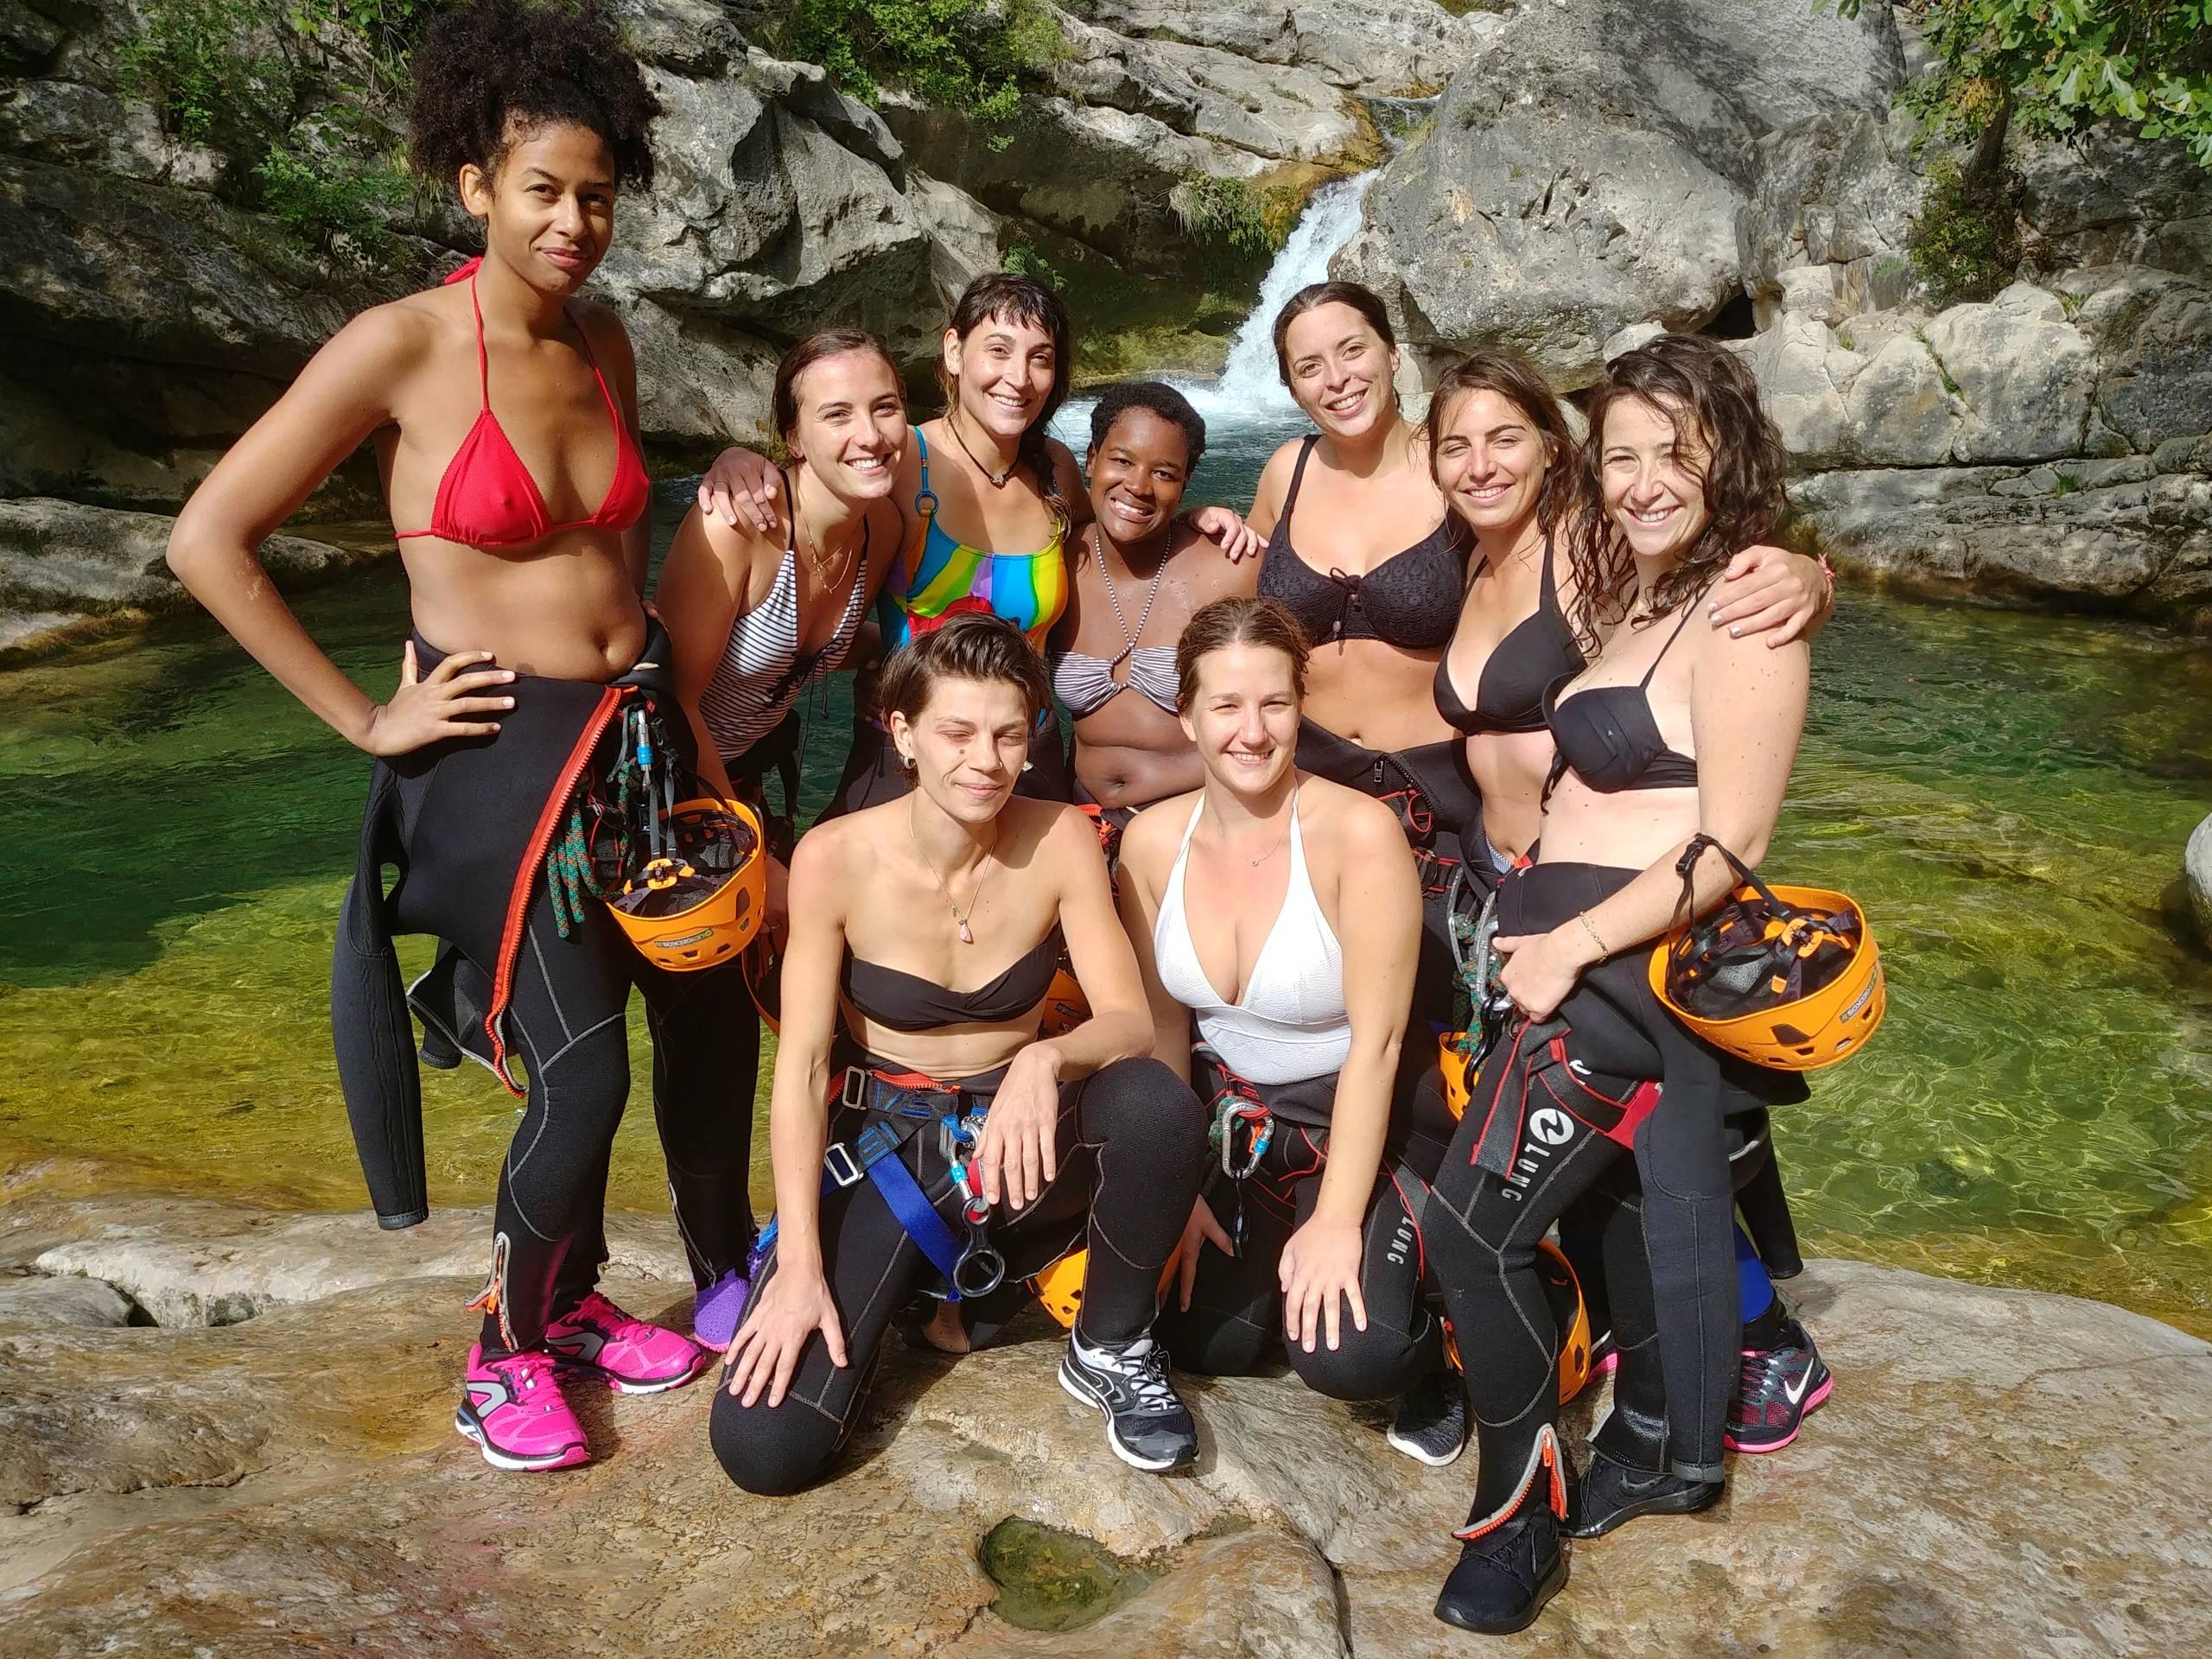 Sport Activities for Bachelorette Parties - LESGECKOS